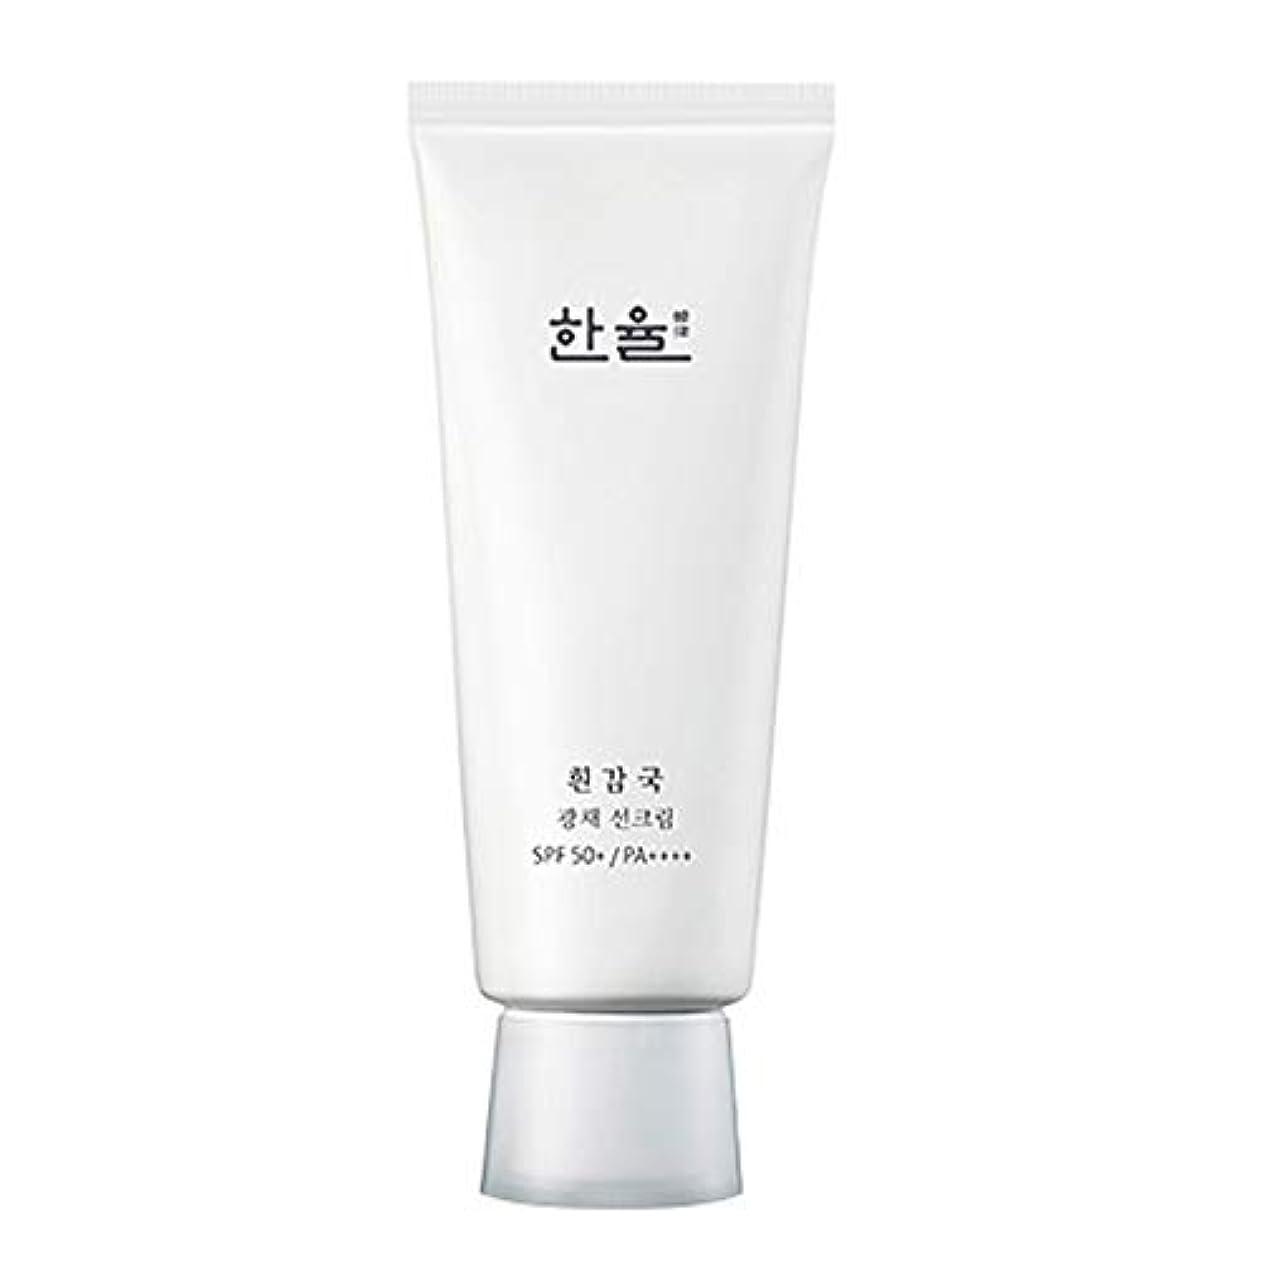 港イデオロギー発言する[HANYUL] ハンユル 白いガムグク輝きサンクリーム 70ml SPF50+ PA++++ White Chrysanthemum Radiance Sunscreen cream